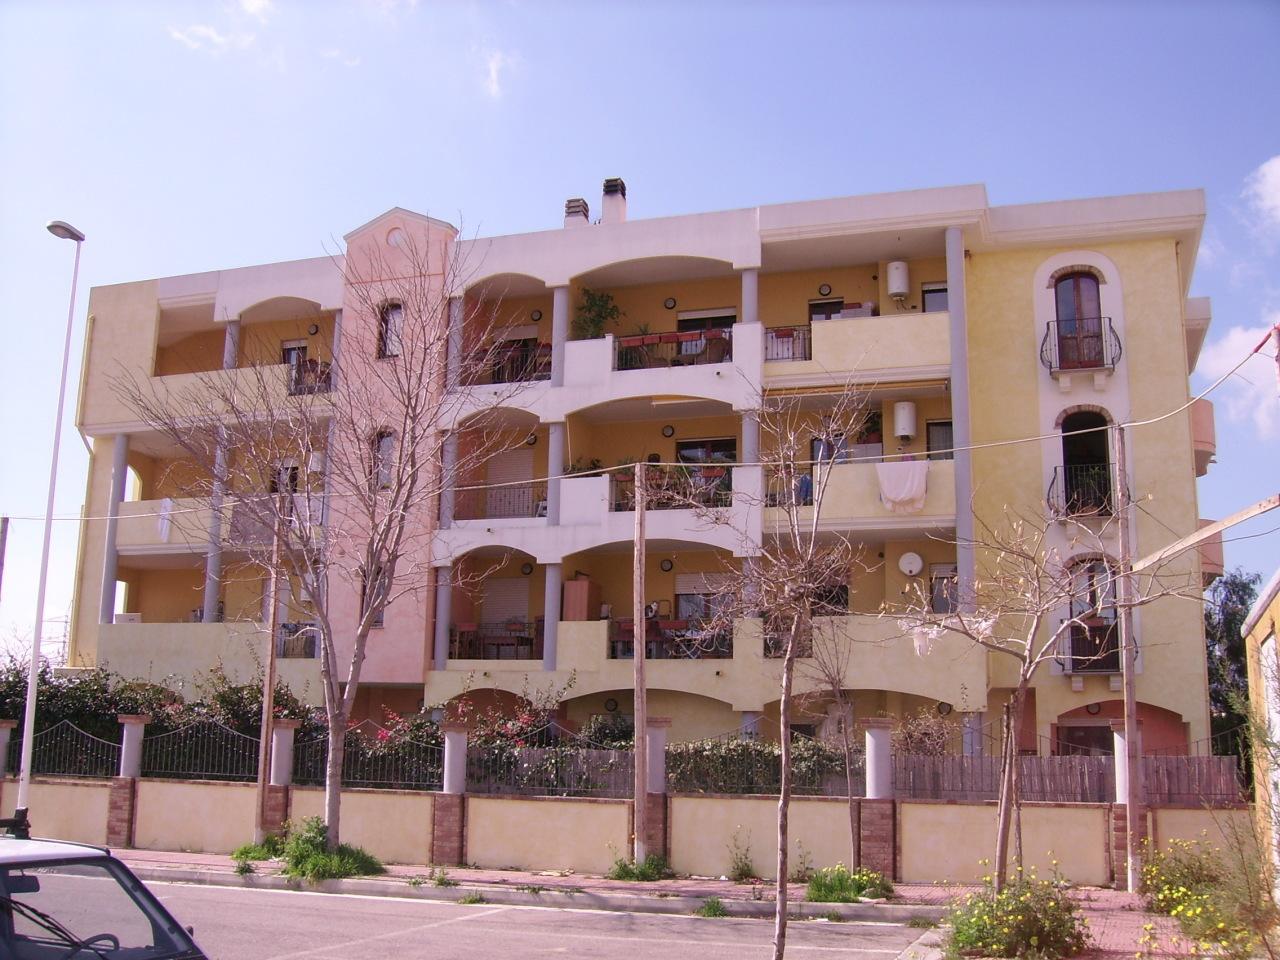 Magazzino in vendita a Quartu Sant'Elena, 1 locali, prezzo € 120.000 | Cambio Casa.it